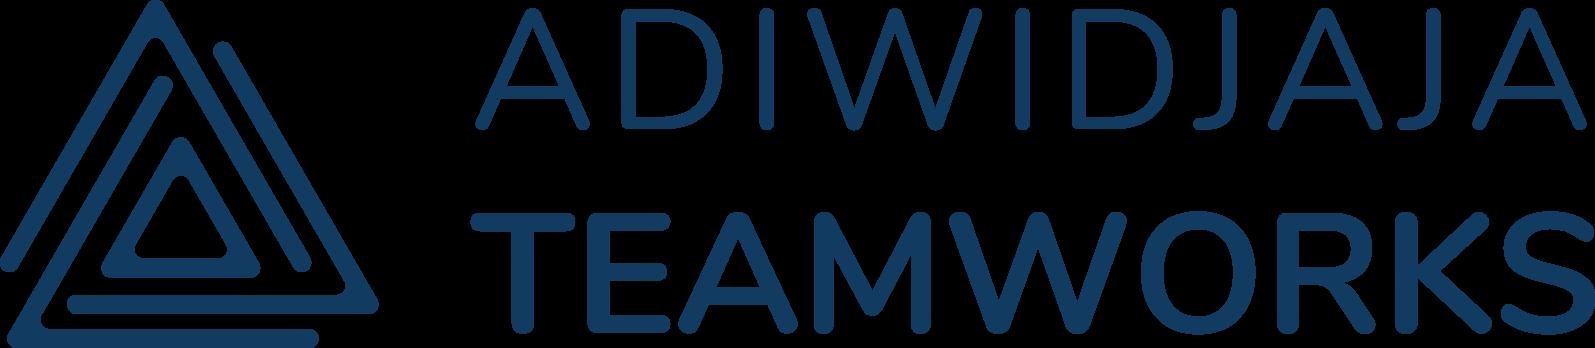 Adiwidjaja Teamworks GmbH